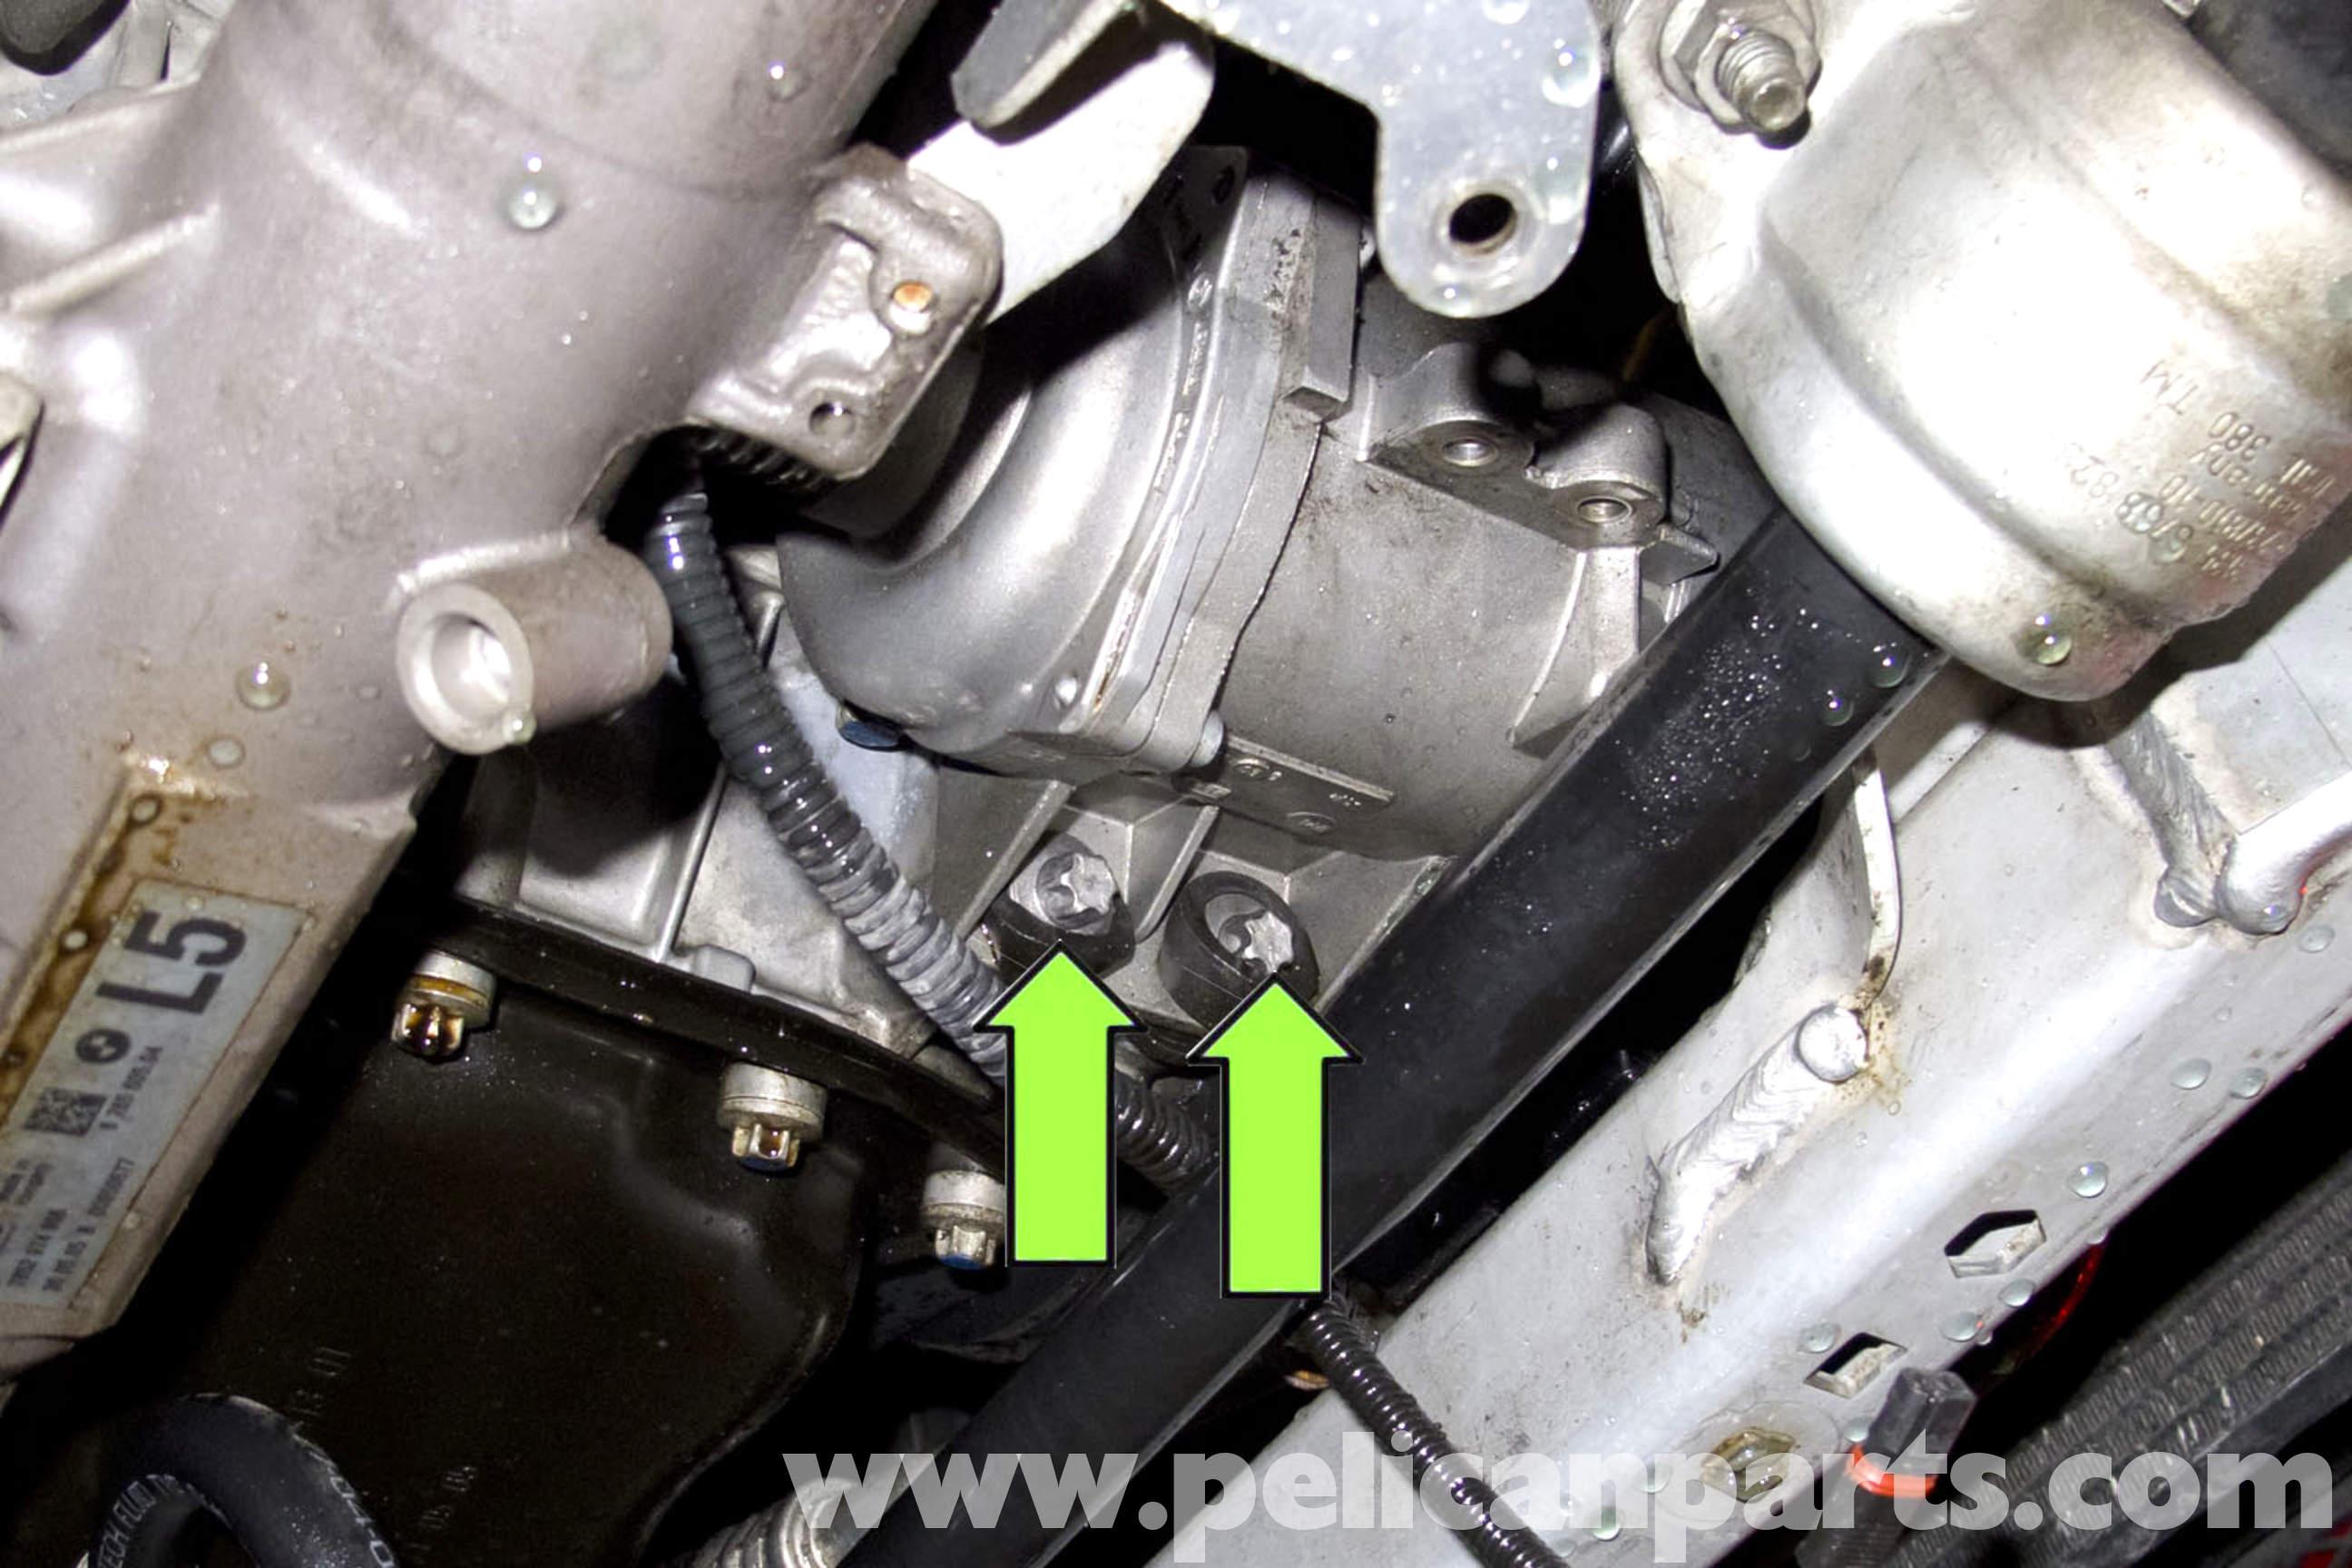 Li Fuse Diagram Bmw E90 Coolant Pump Replacement E91 E92 E93 Pelican